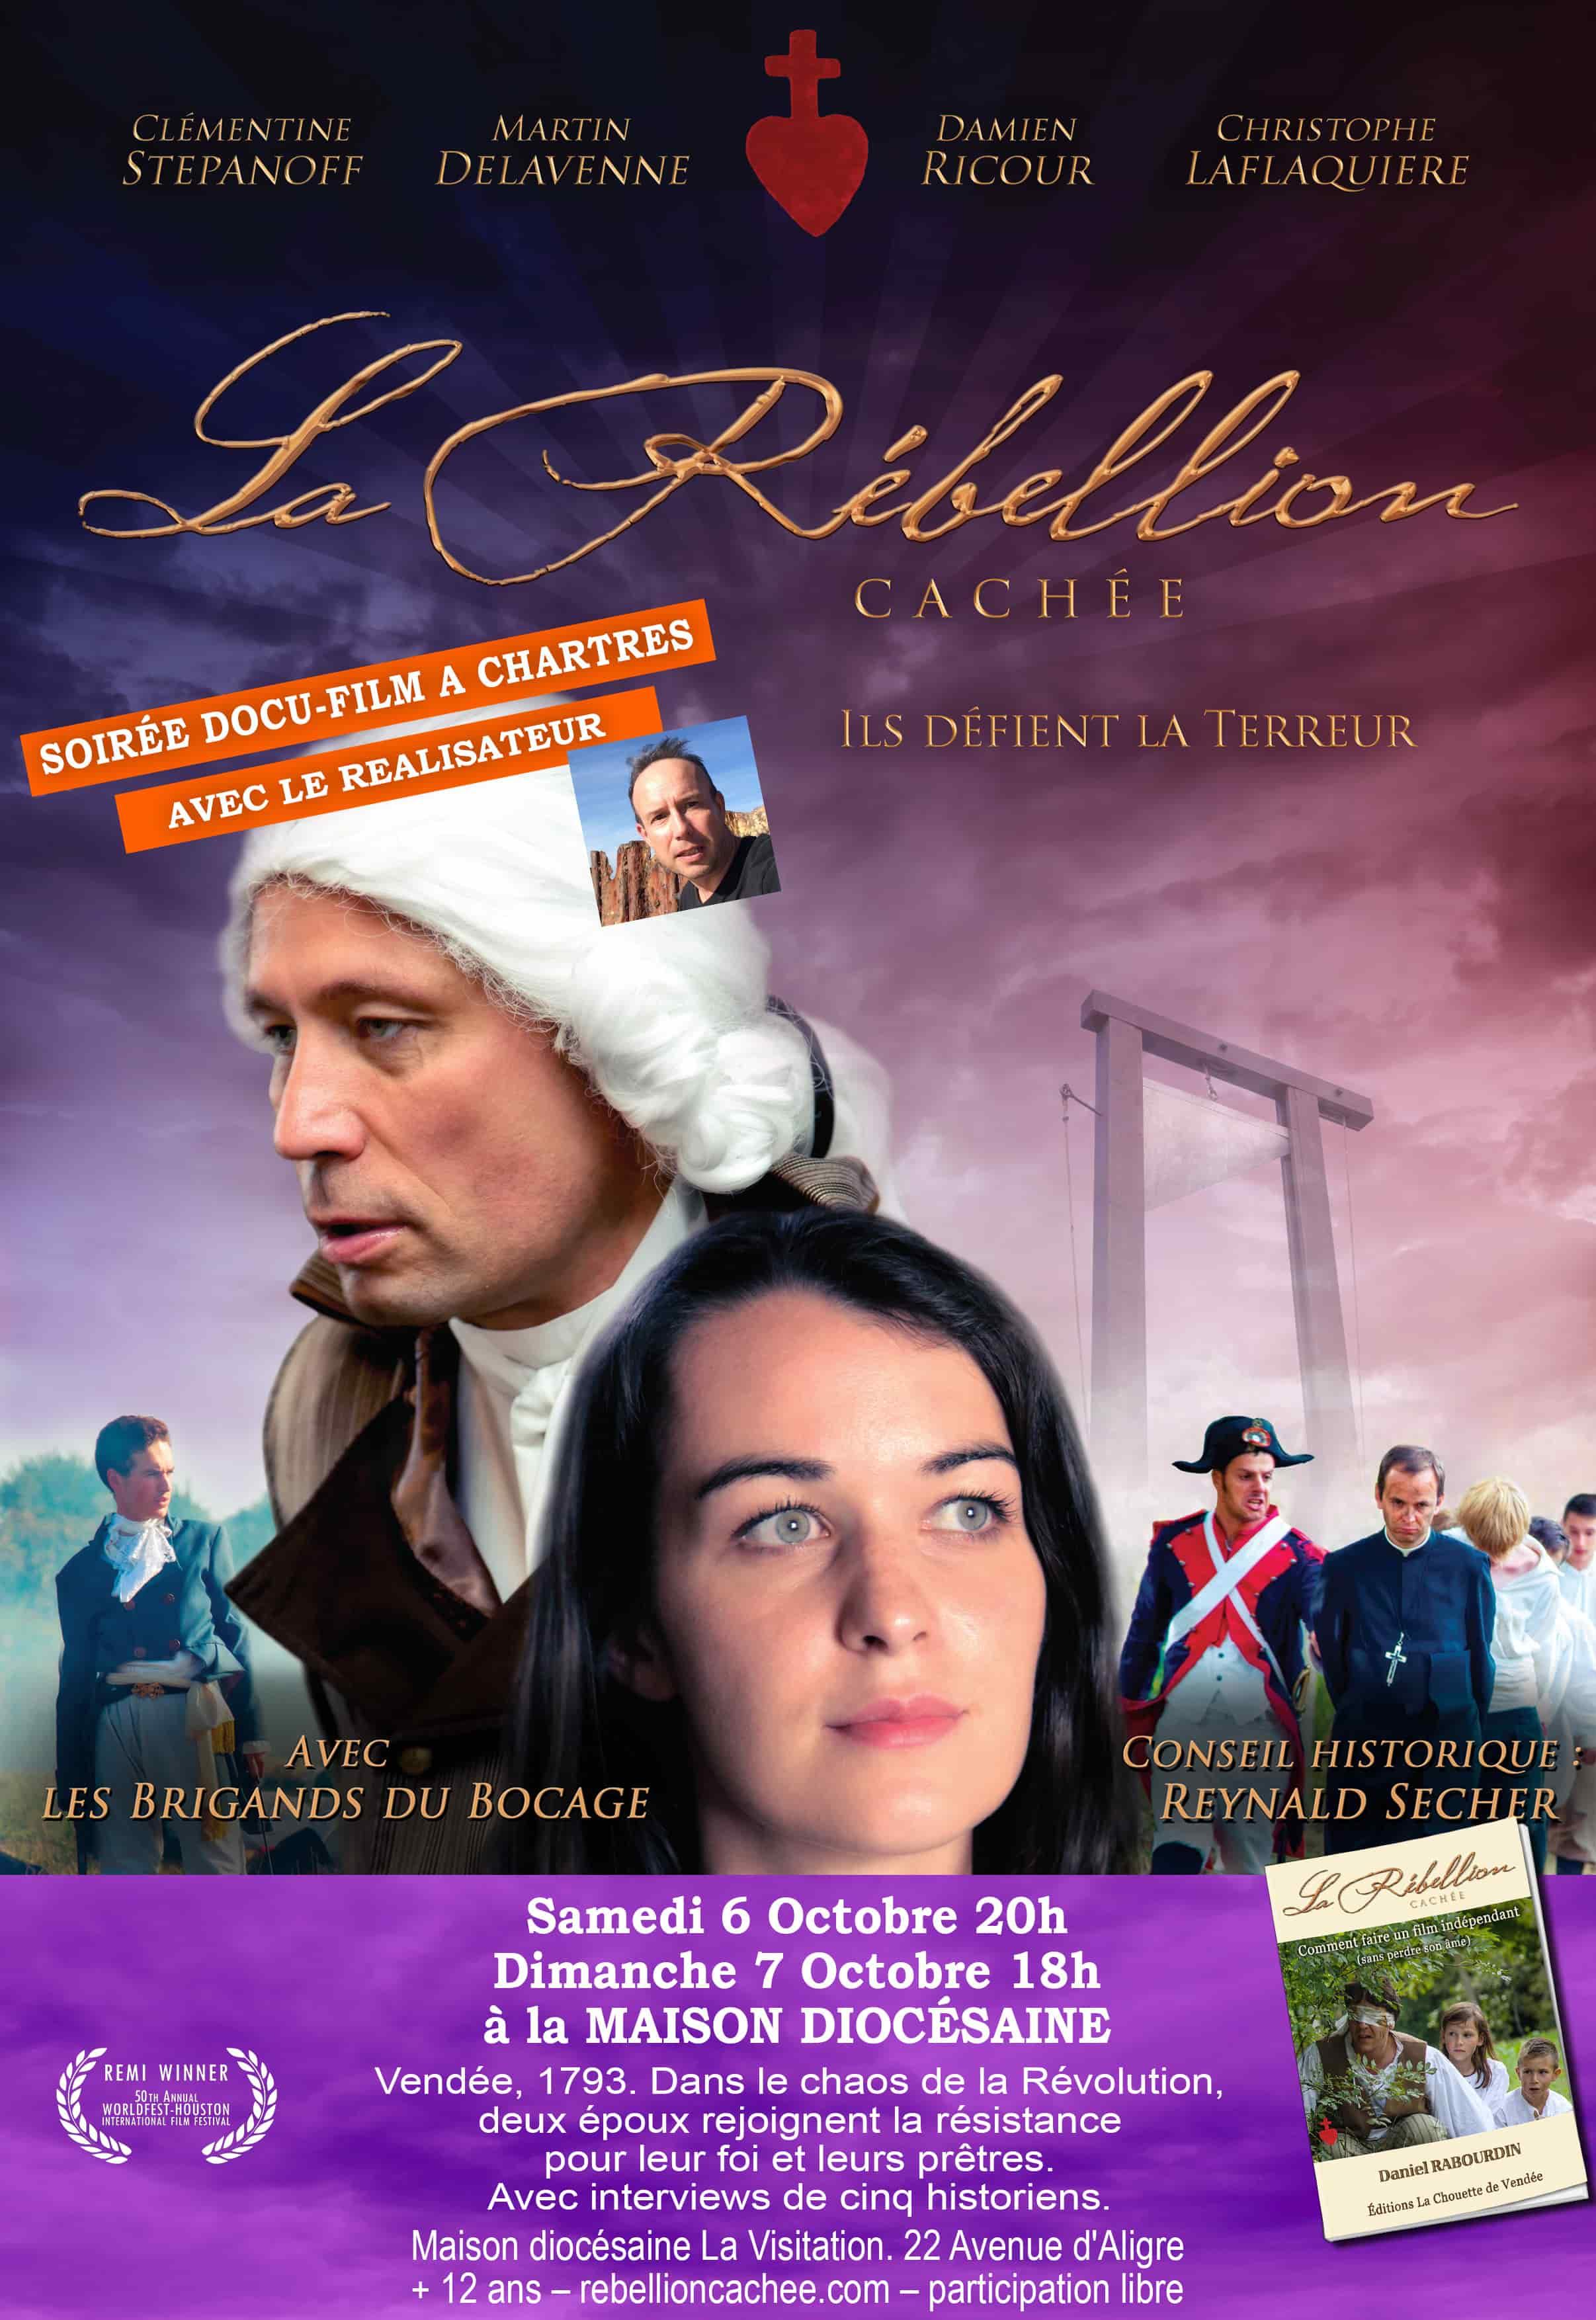 Projection du film La rébellion cachée en présence du réalisateur les 6 & 7 octobre 2018 à Chartres (28)